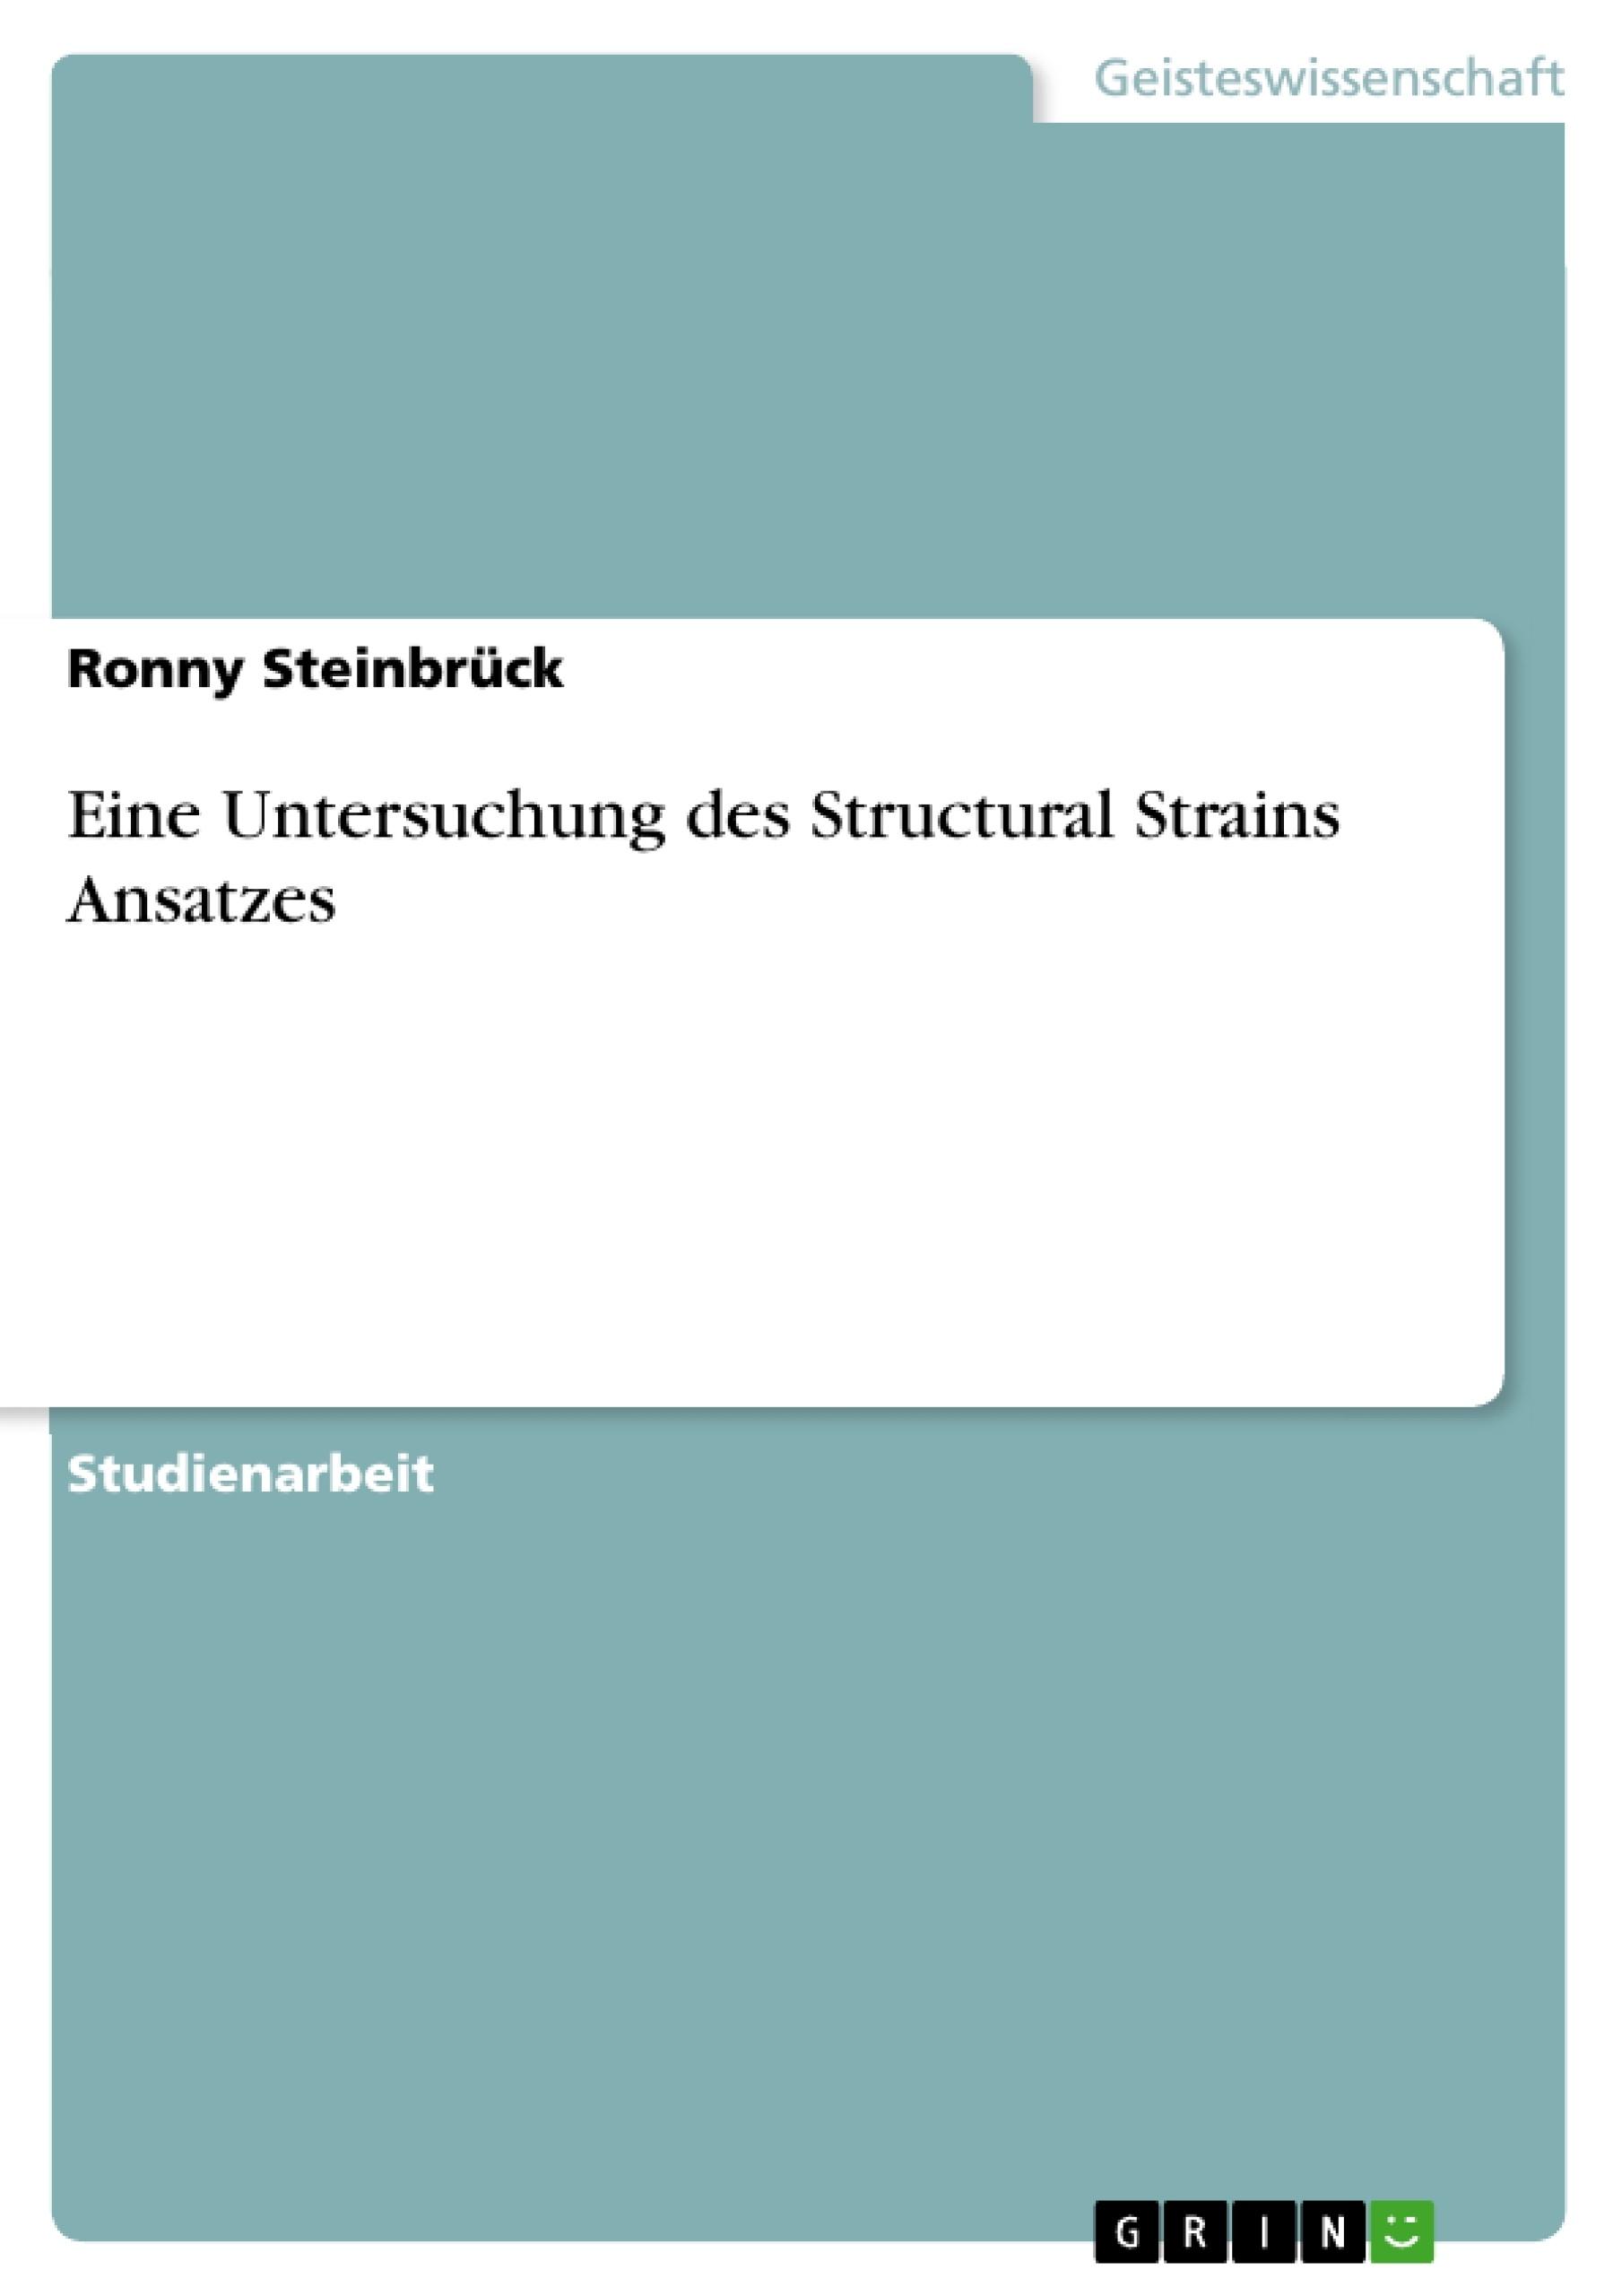 Titel: Eine Untersuchung des Structural Strains Ansatzes